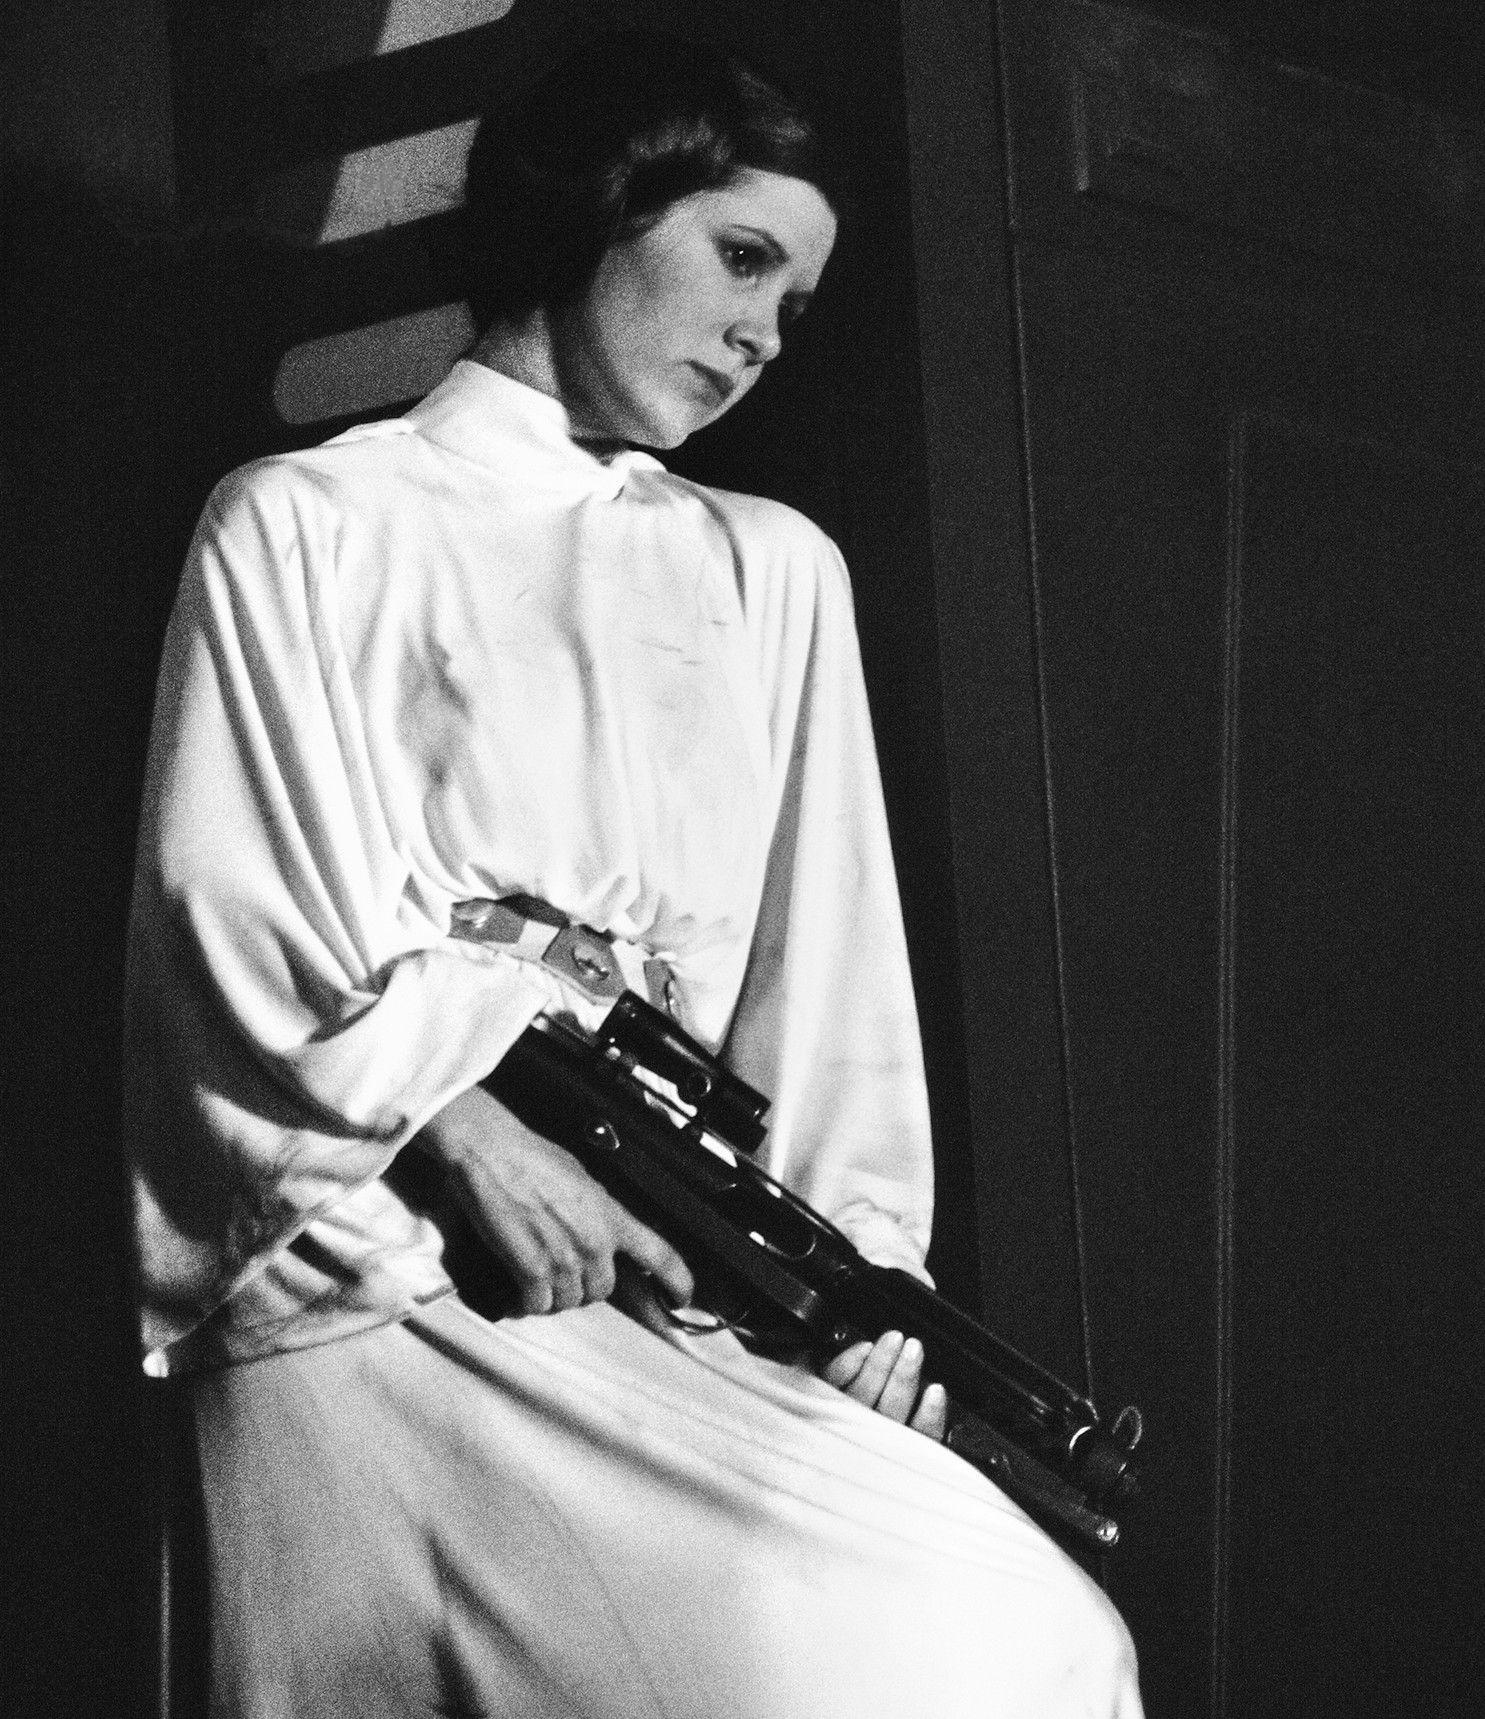 """Carrie Fisher w roli, która nieoczekiwanie zmieniła - i zniszczyła - jej życie. Zdjęcie pochodzi z książki """"Pamiętnik księżniczki""""."""